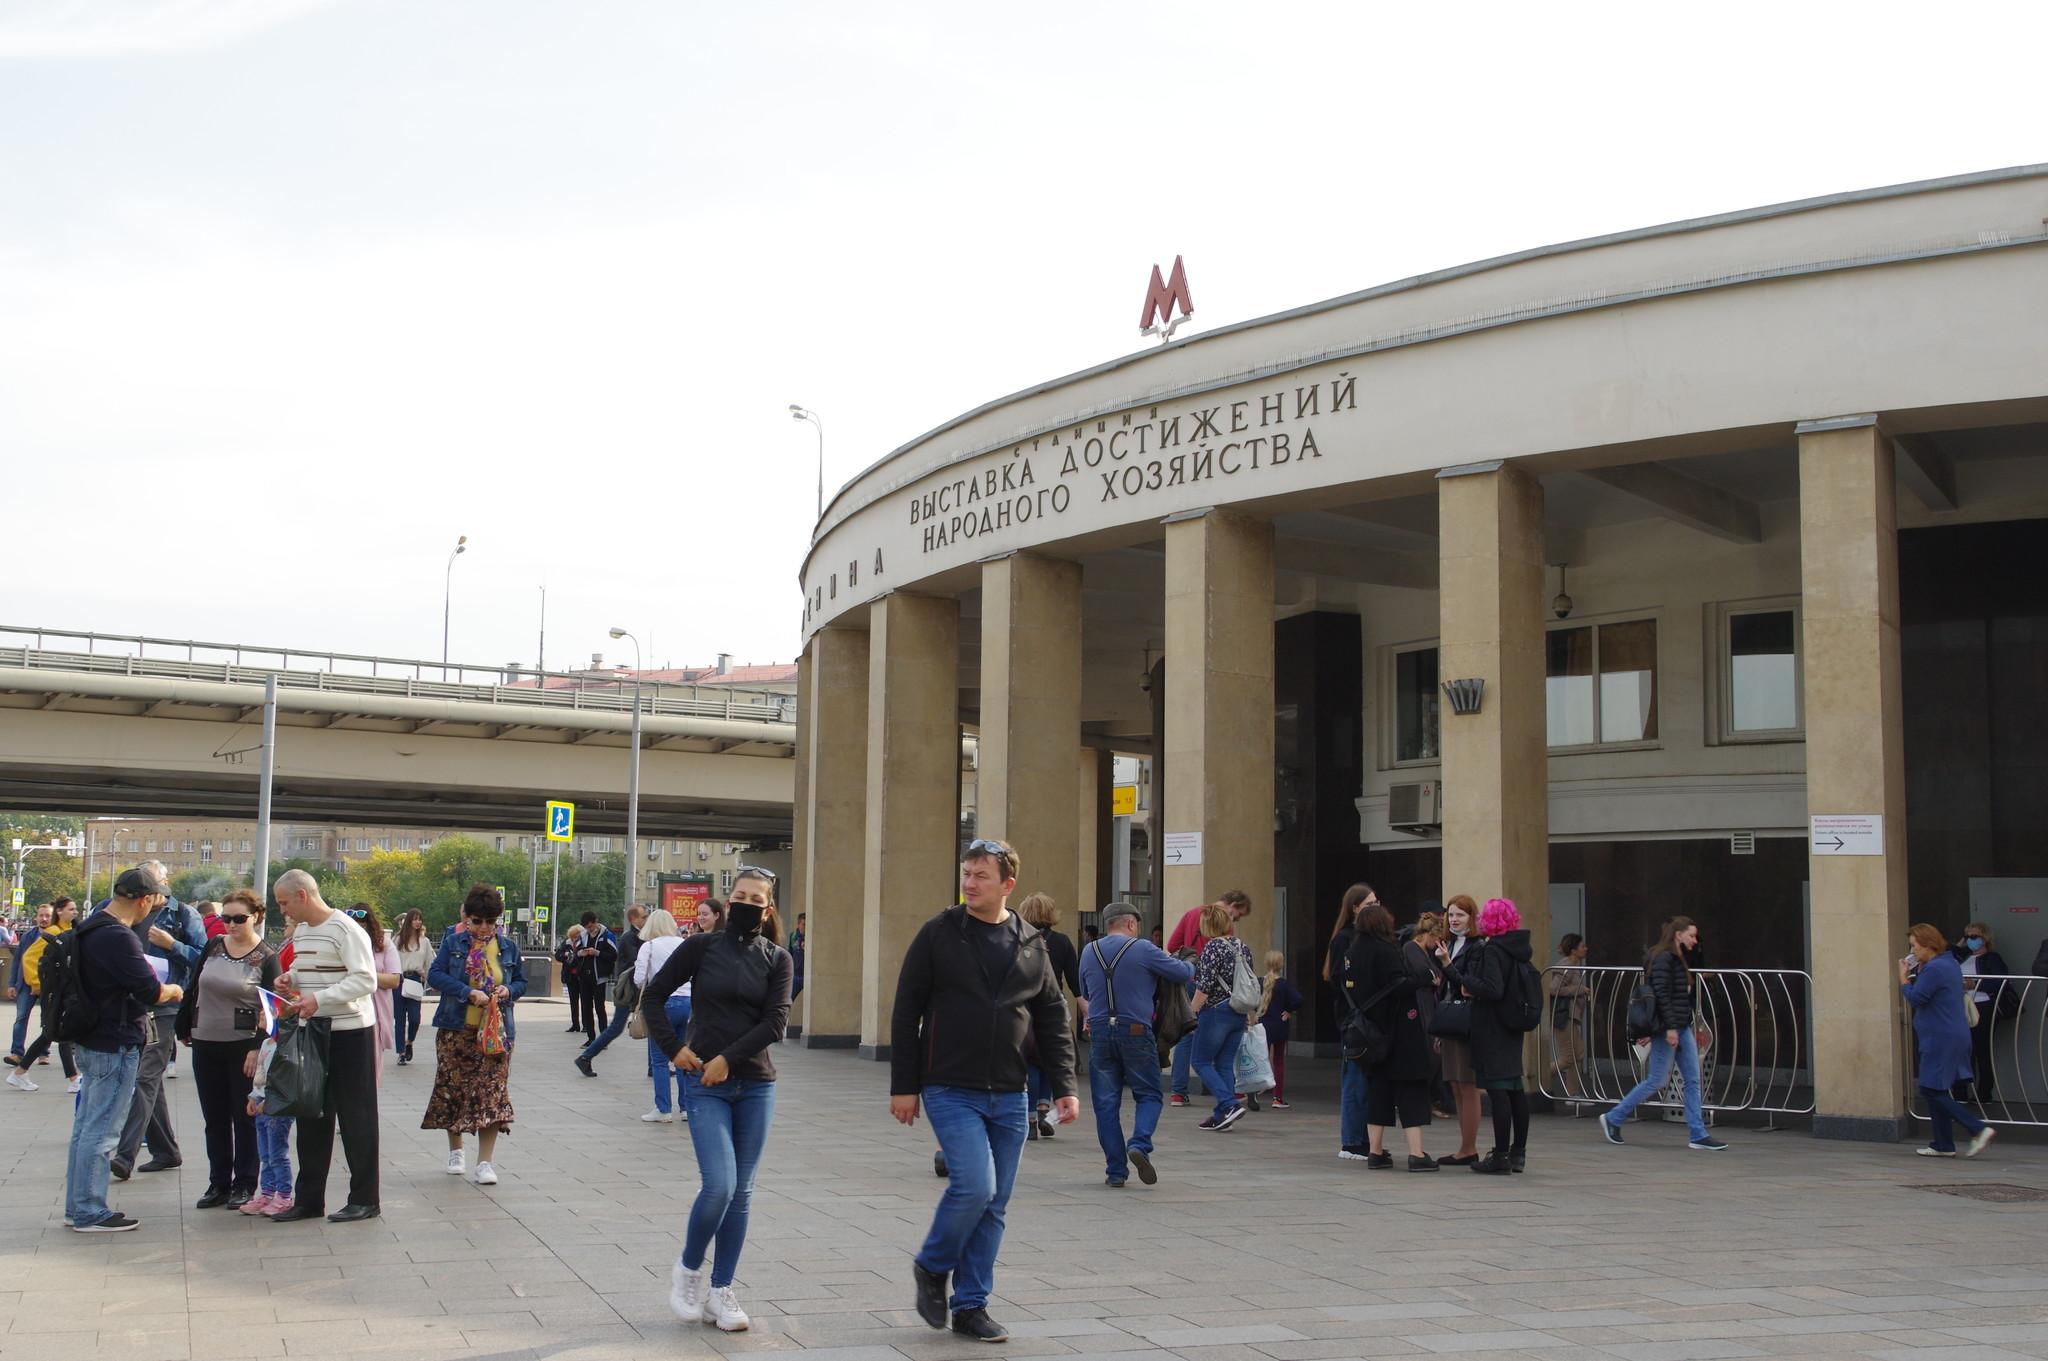 Наземный вестибюль станции «ВДНХ» Московского метрополитена